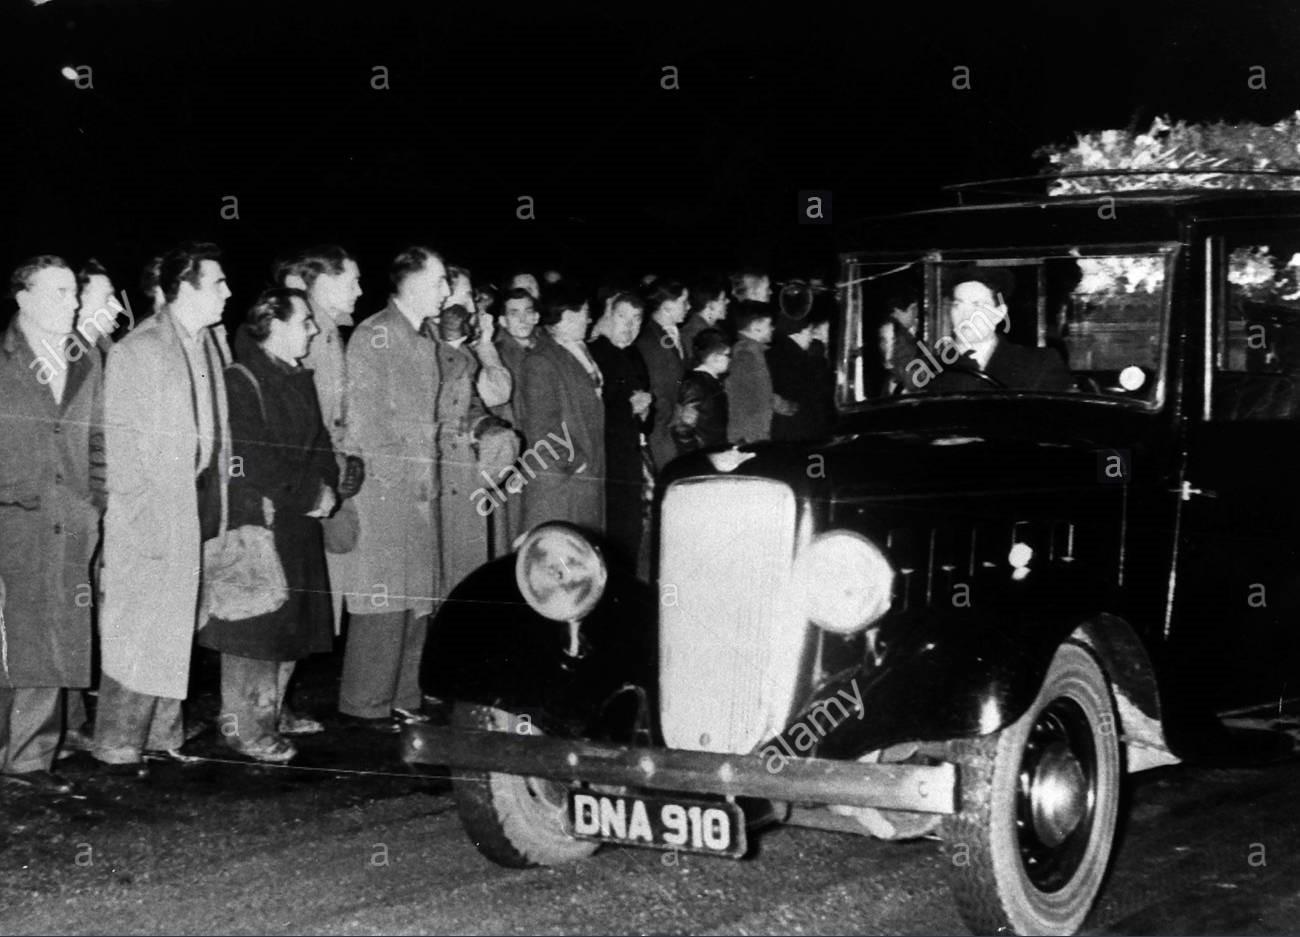 Hình ảnh: Thi thể của các cầu thủ MU tử nạn được di chuyển về Anh vào ngày 11/2/1958